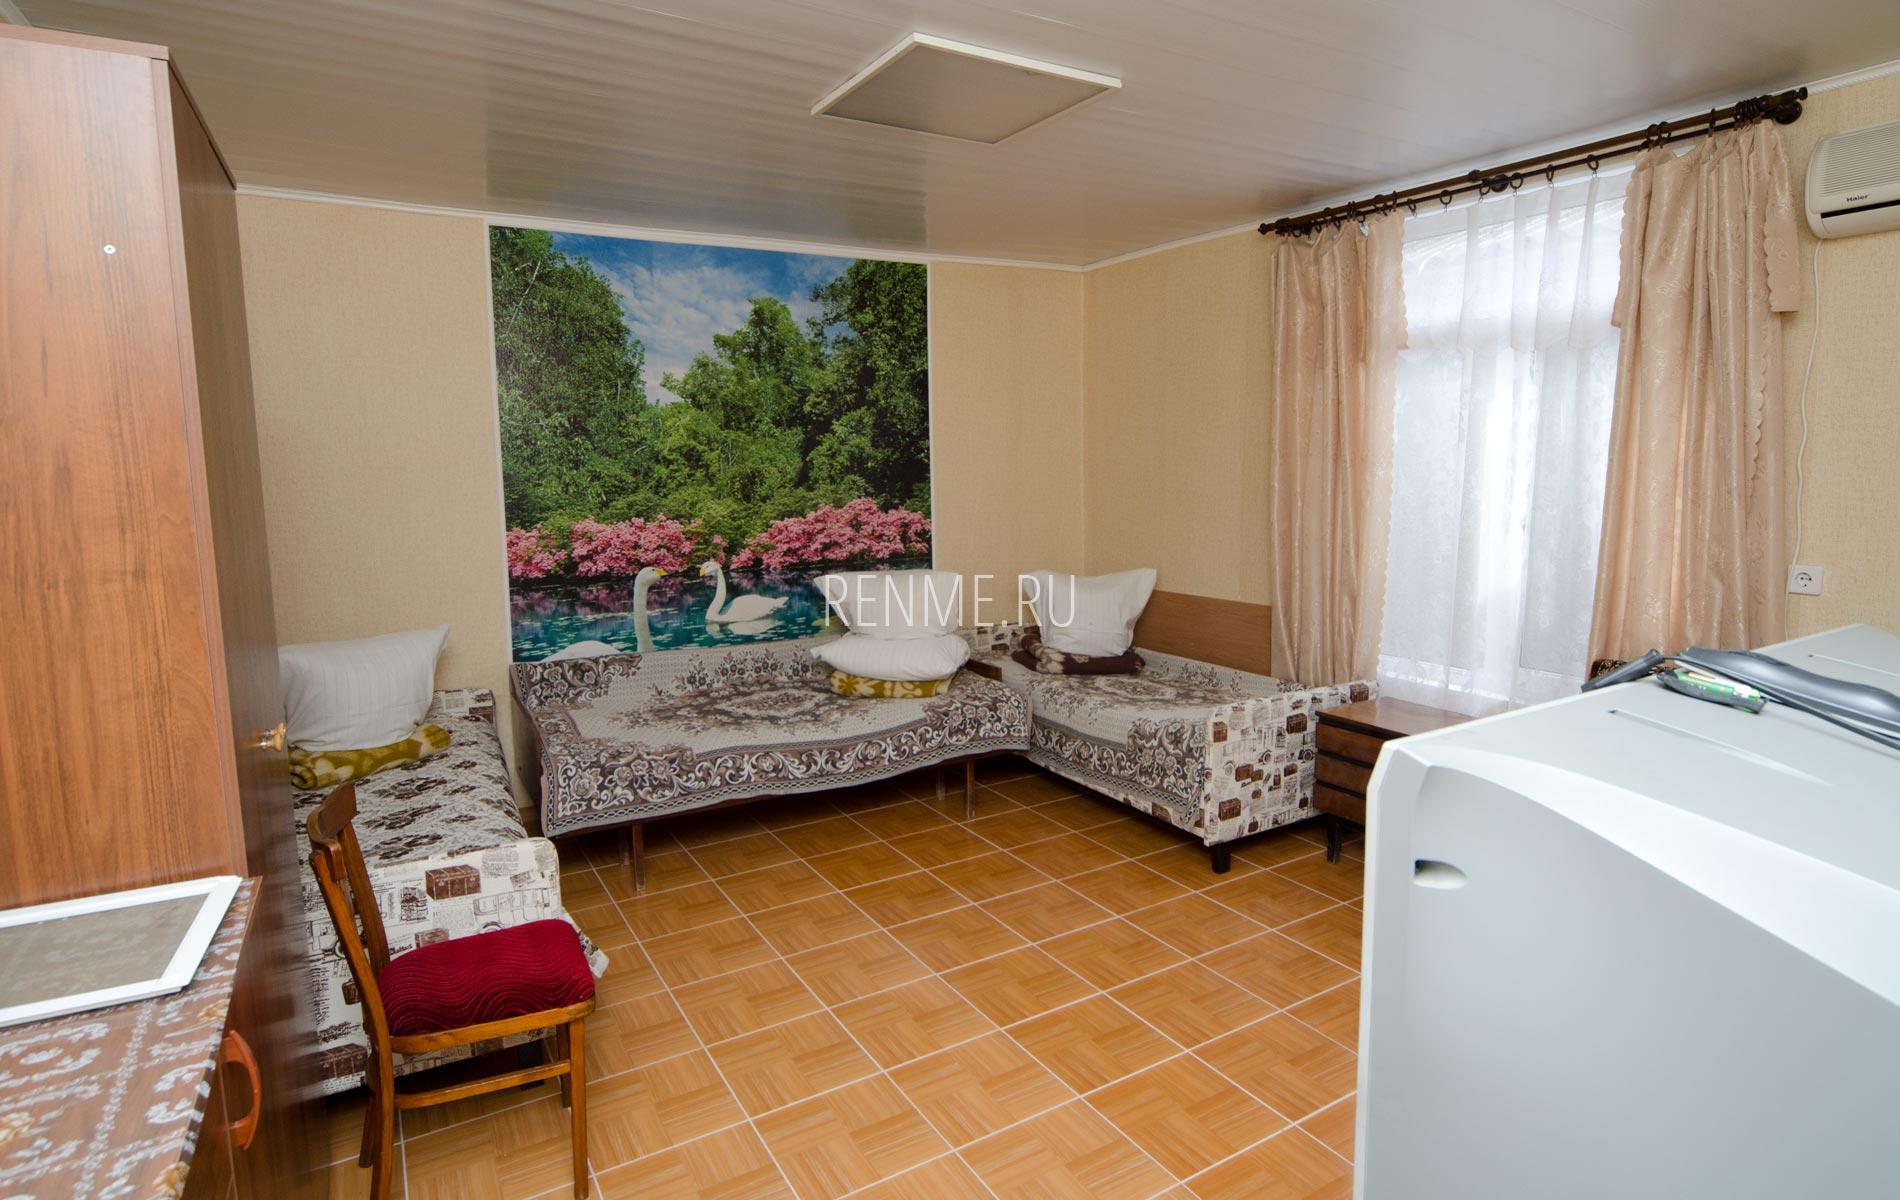 Комната 1. Дом на 8-10 гостей. Номера на Вишневой. Частный сектор Заозёрного